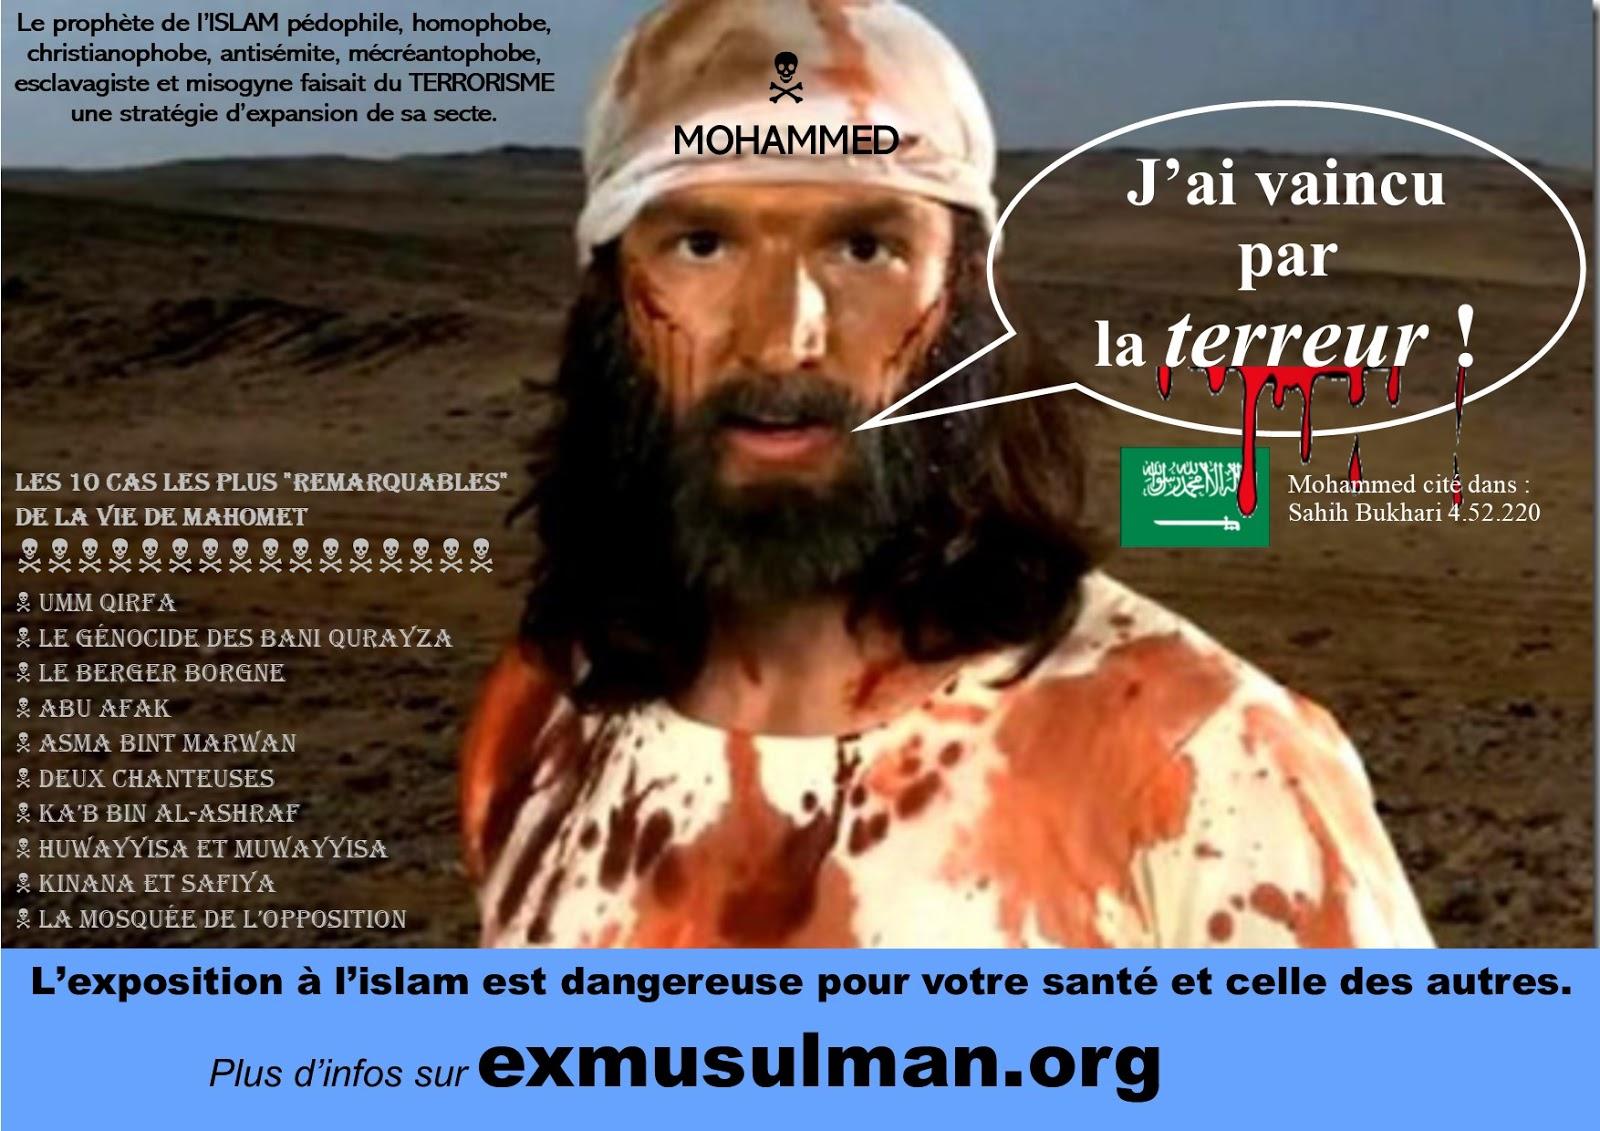 Pour le musulmenteur  Brahim Z,  «des dômes et des minarets», comme Himmler, Mahomet est innocent des meurtres qu'il a ordonnés